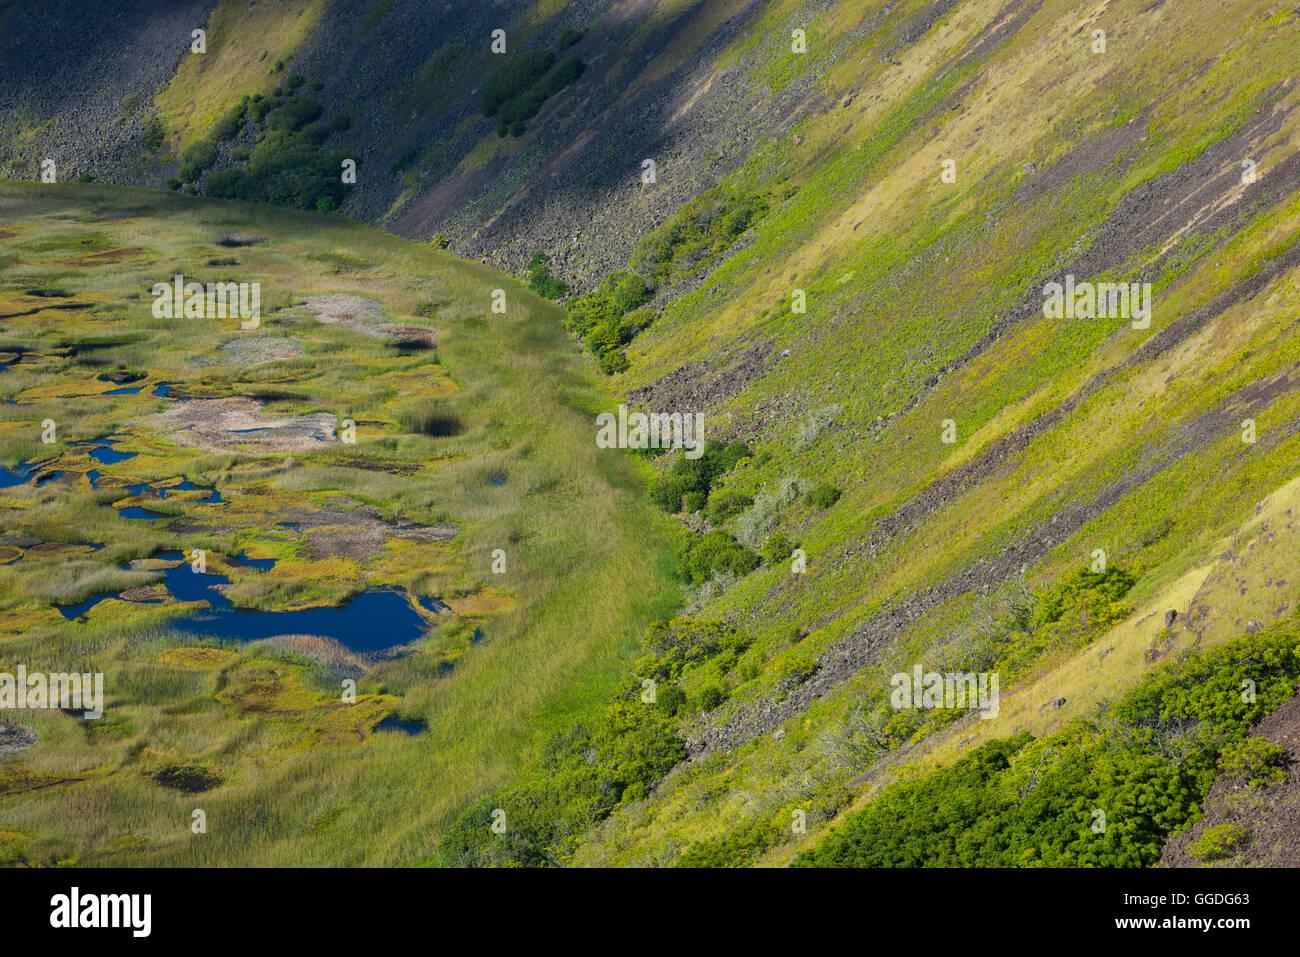 L'Amérique du Sud, le Chili, l'île de Pâques; Isla de Pasqua, Pacifique sud; Photo Stock